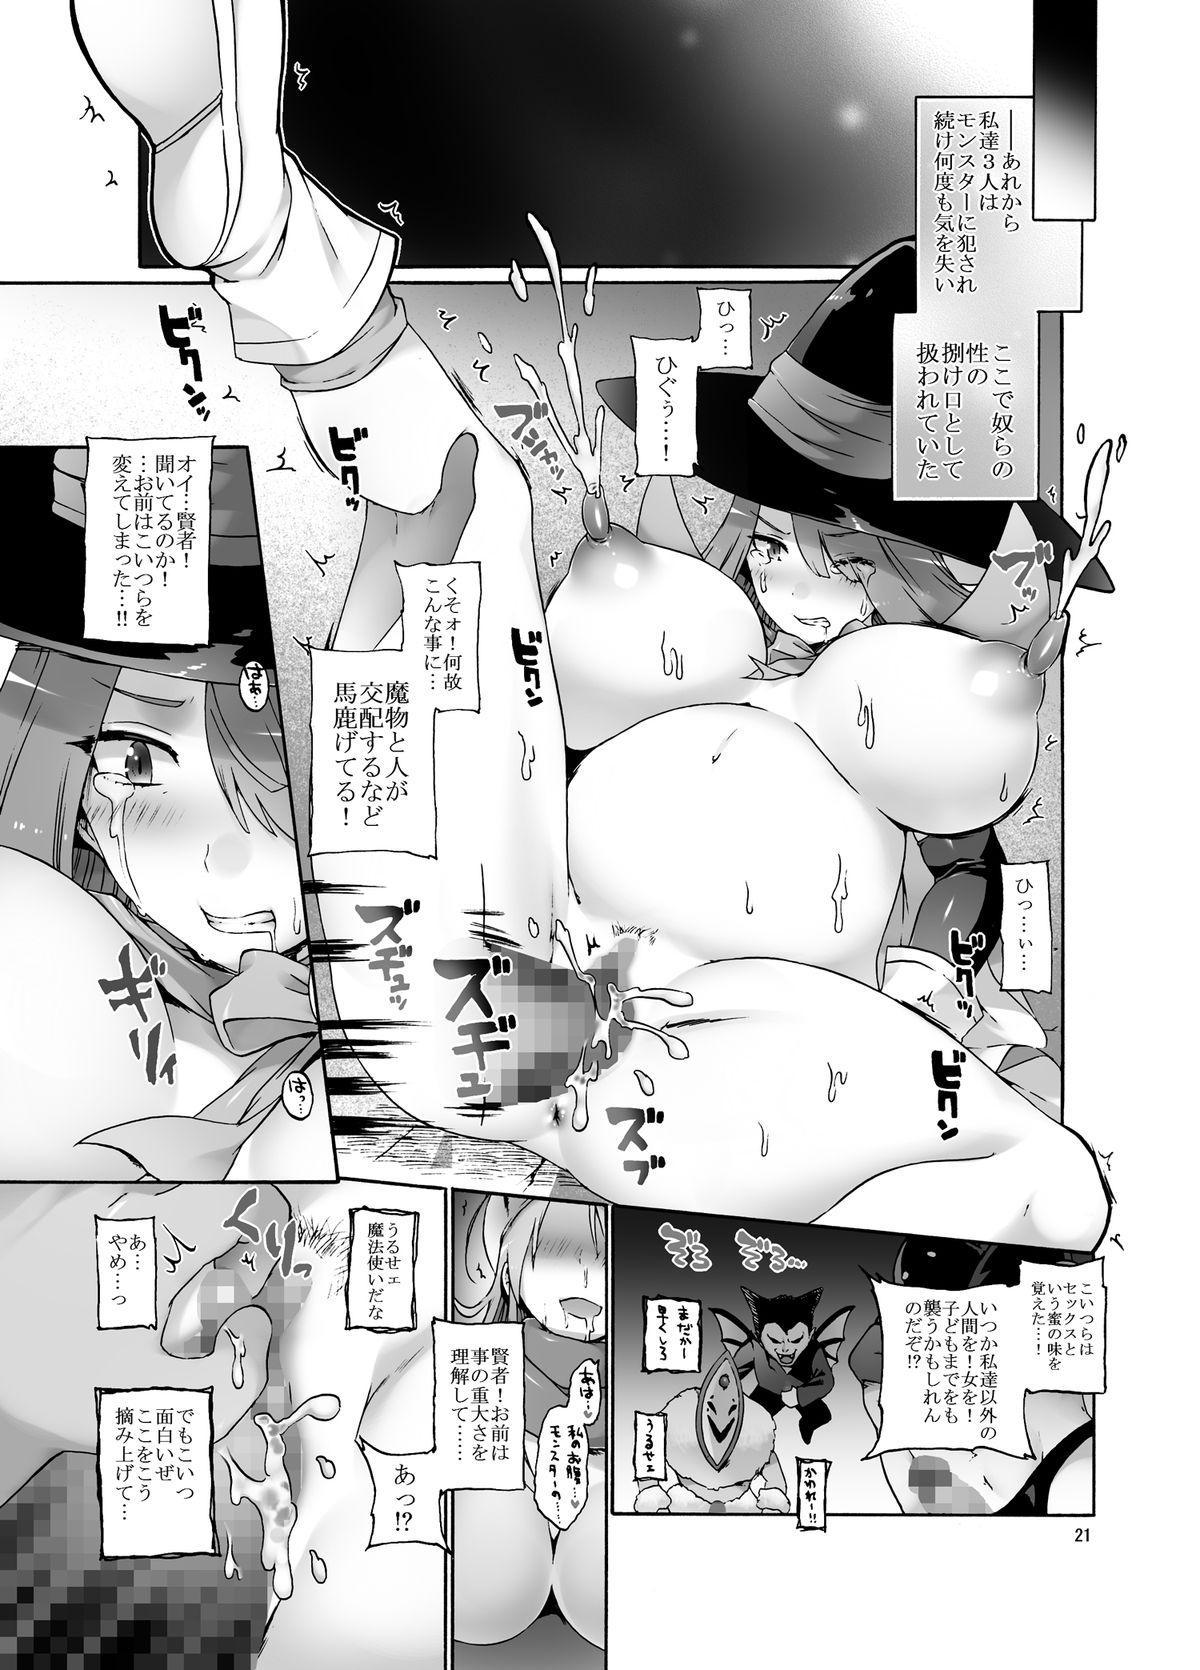 Mon Kan Quest 20